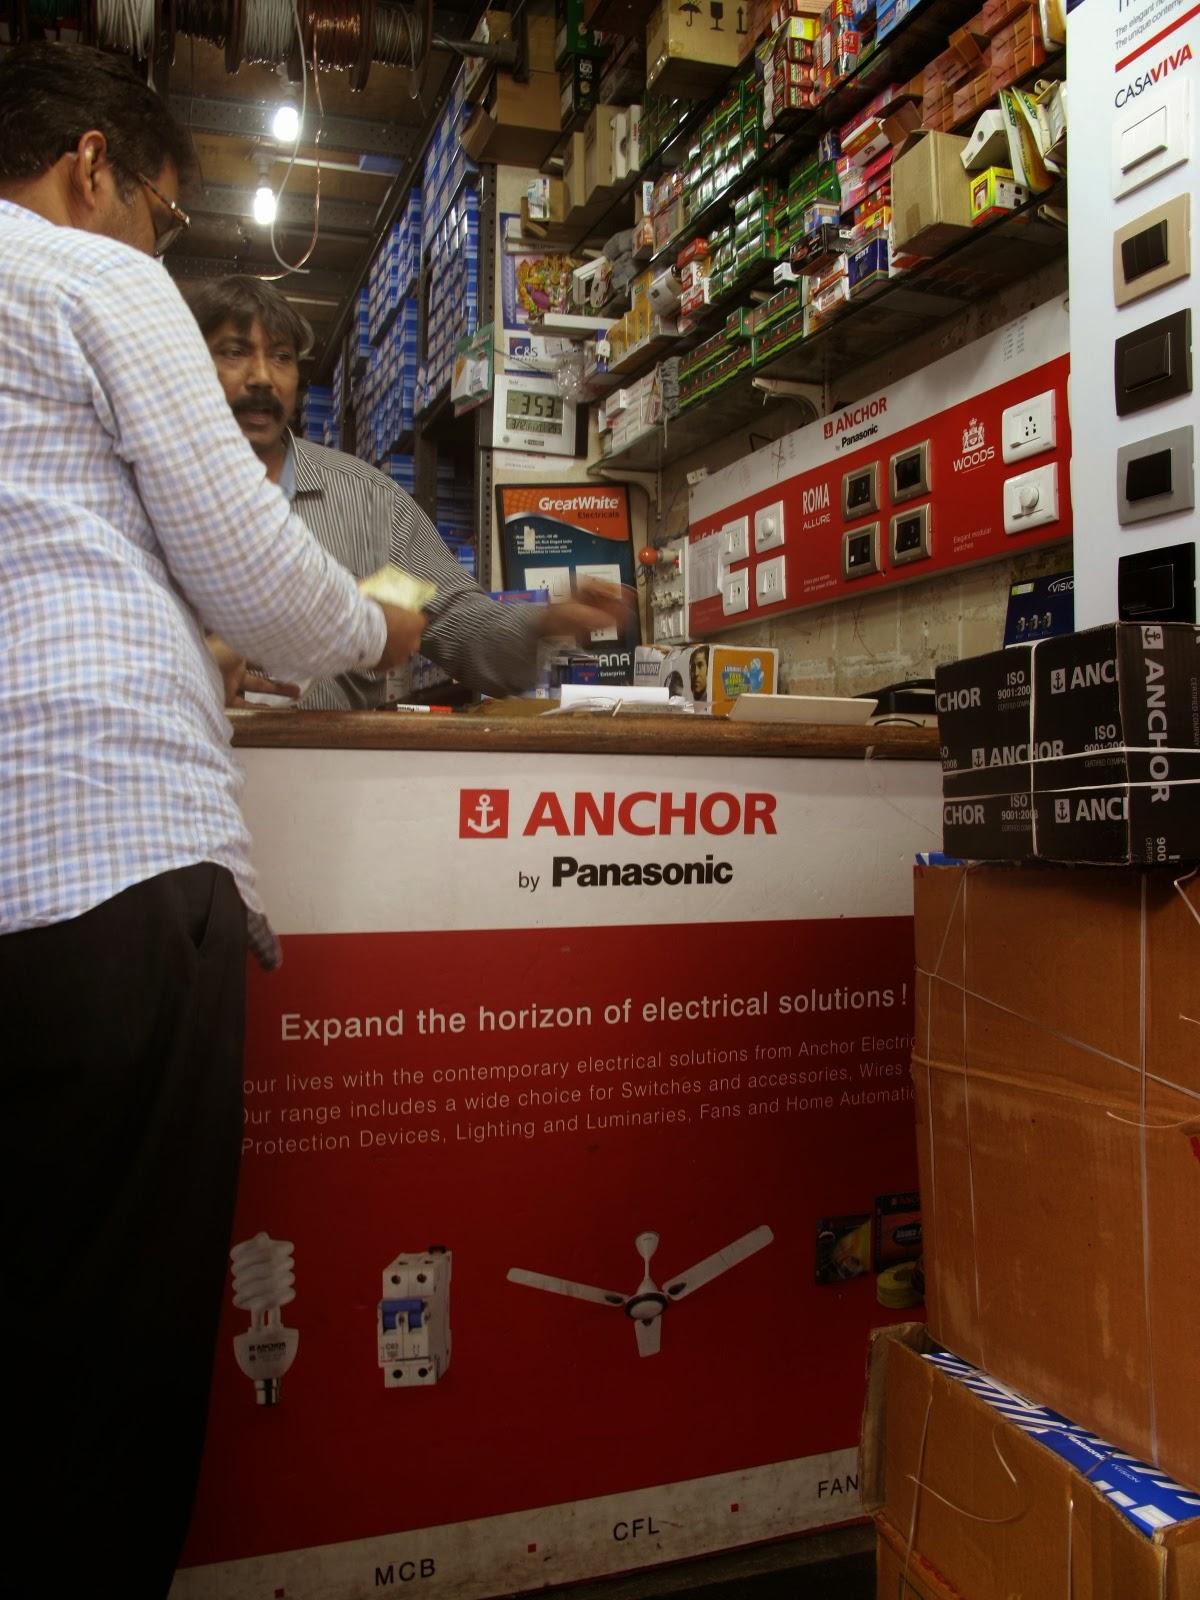 panasonic anchor s new lighting business begins in mumbai india